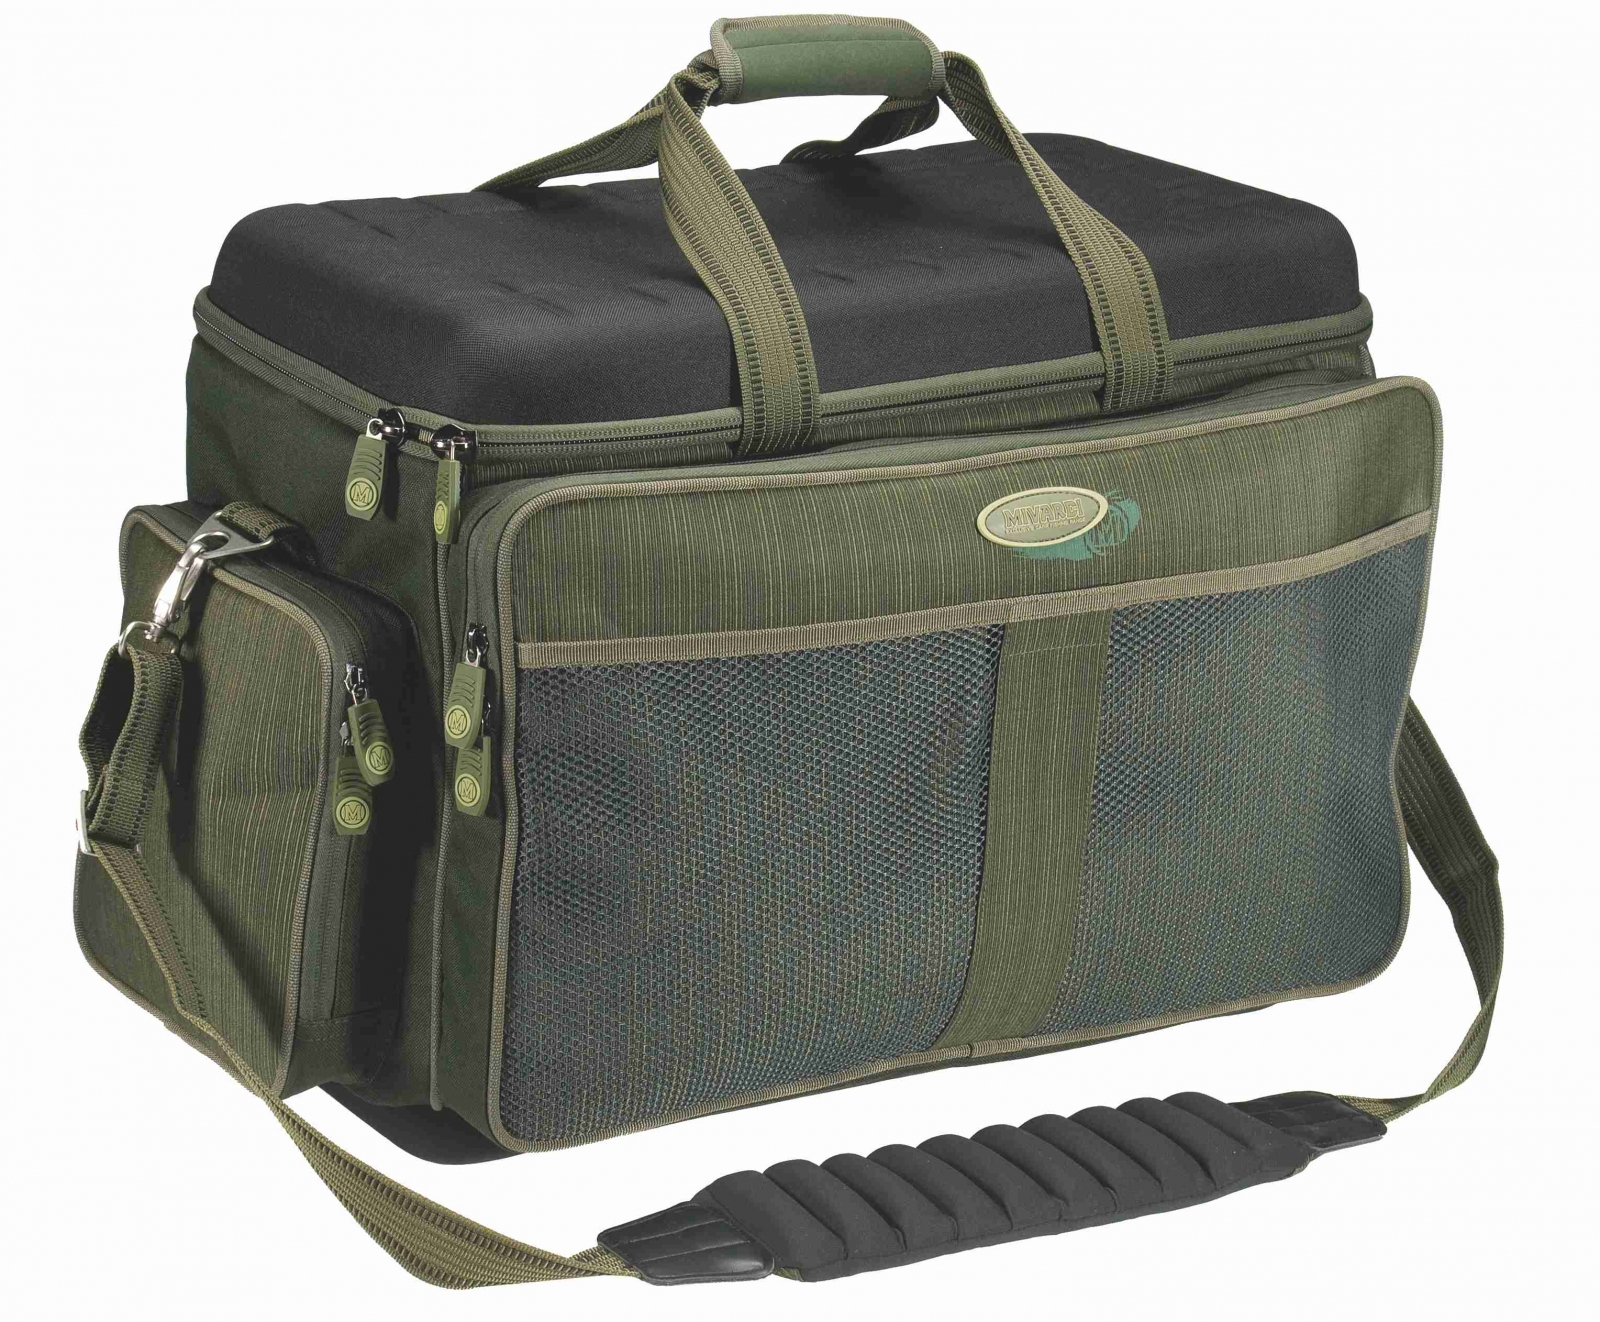 Mivardi kaprařská taška New Dynasty Compact